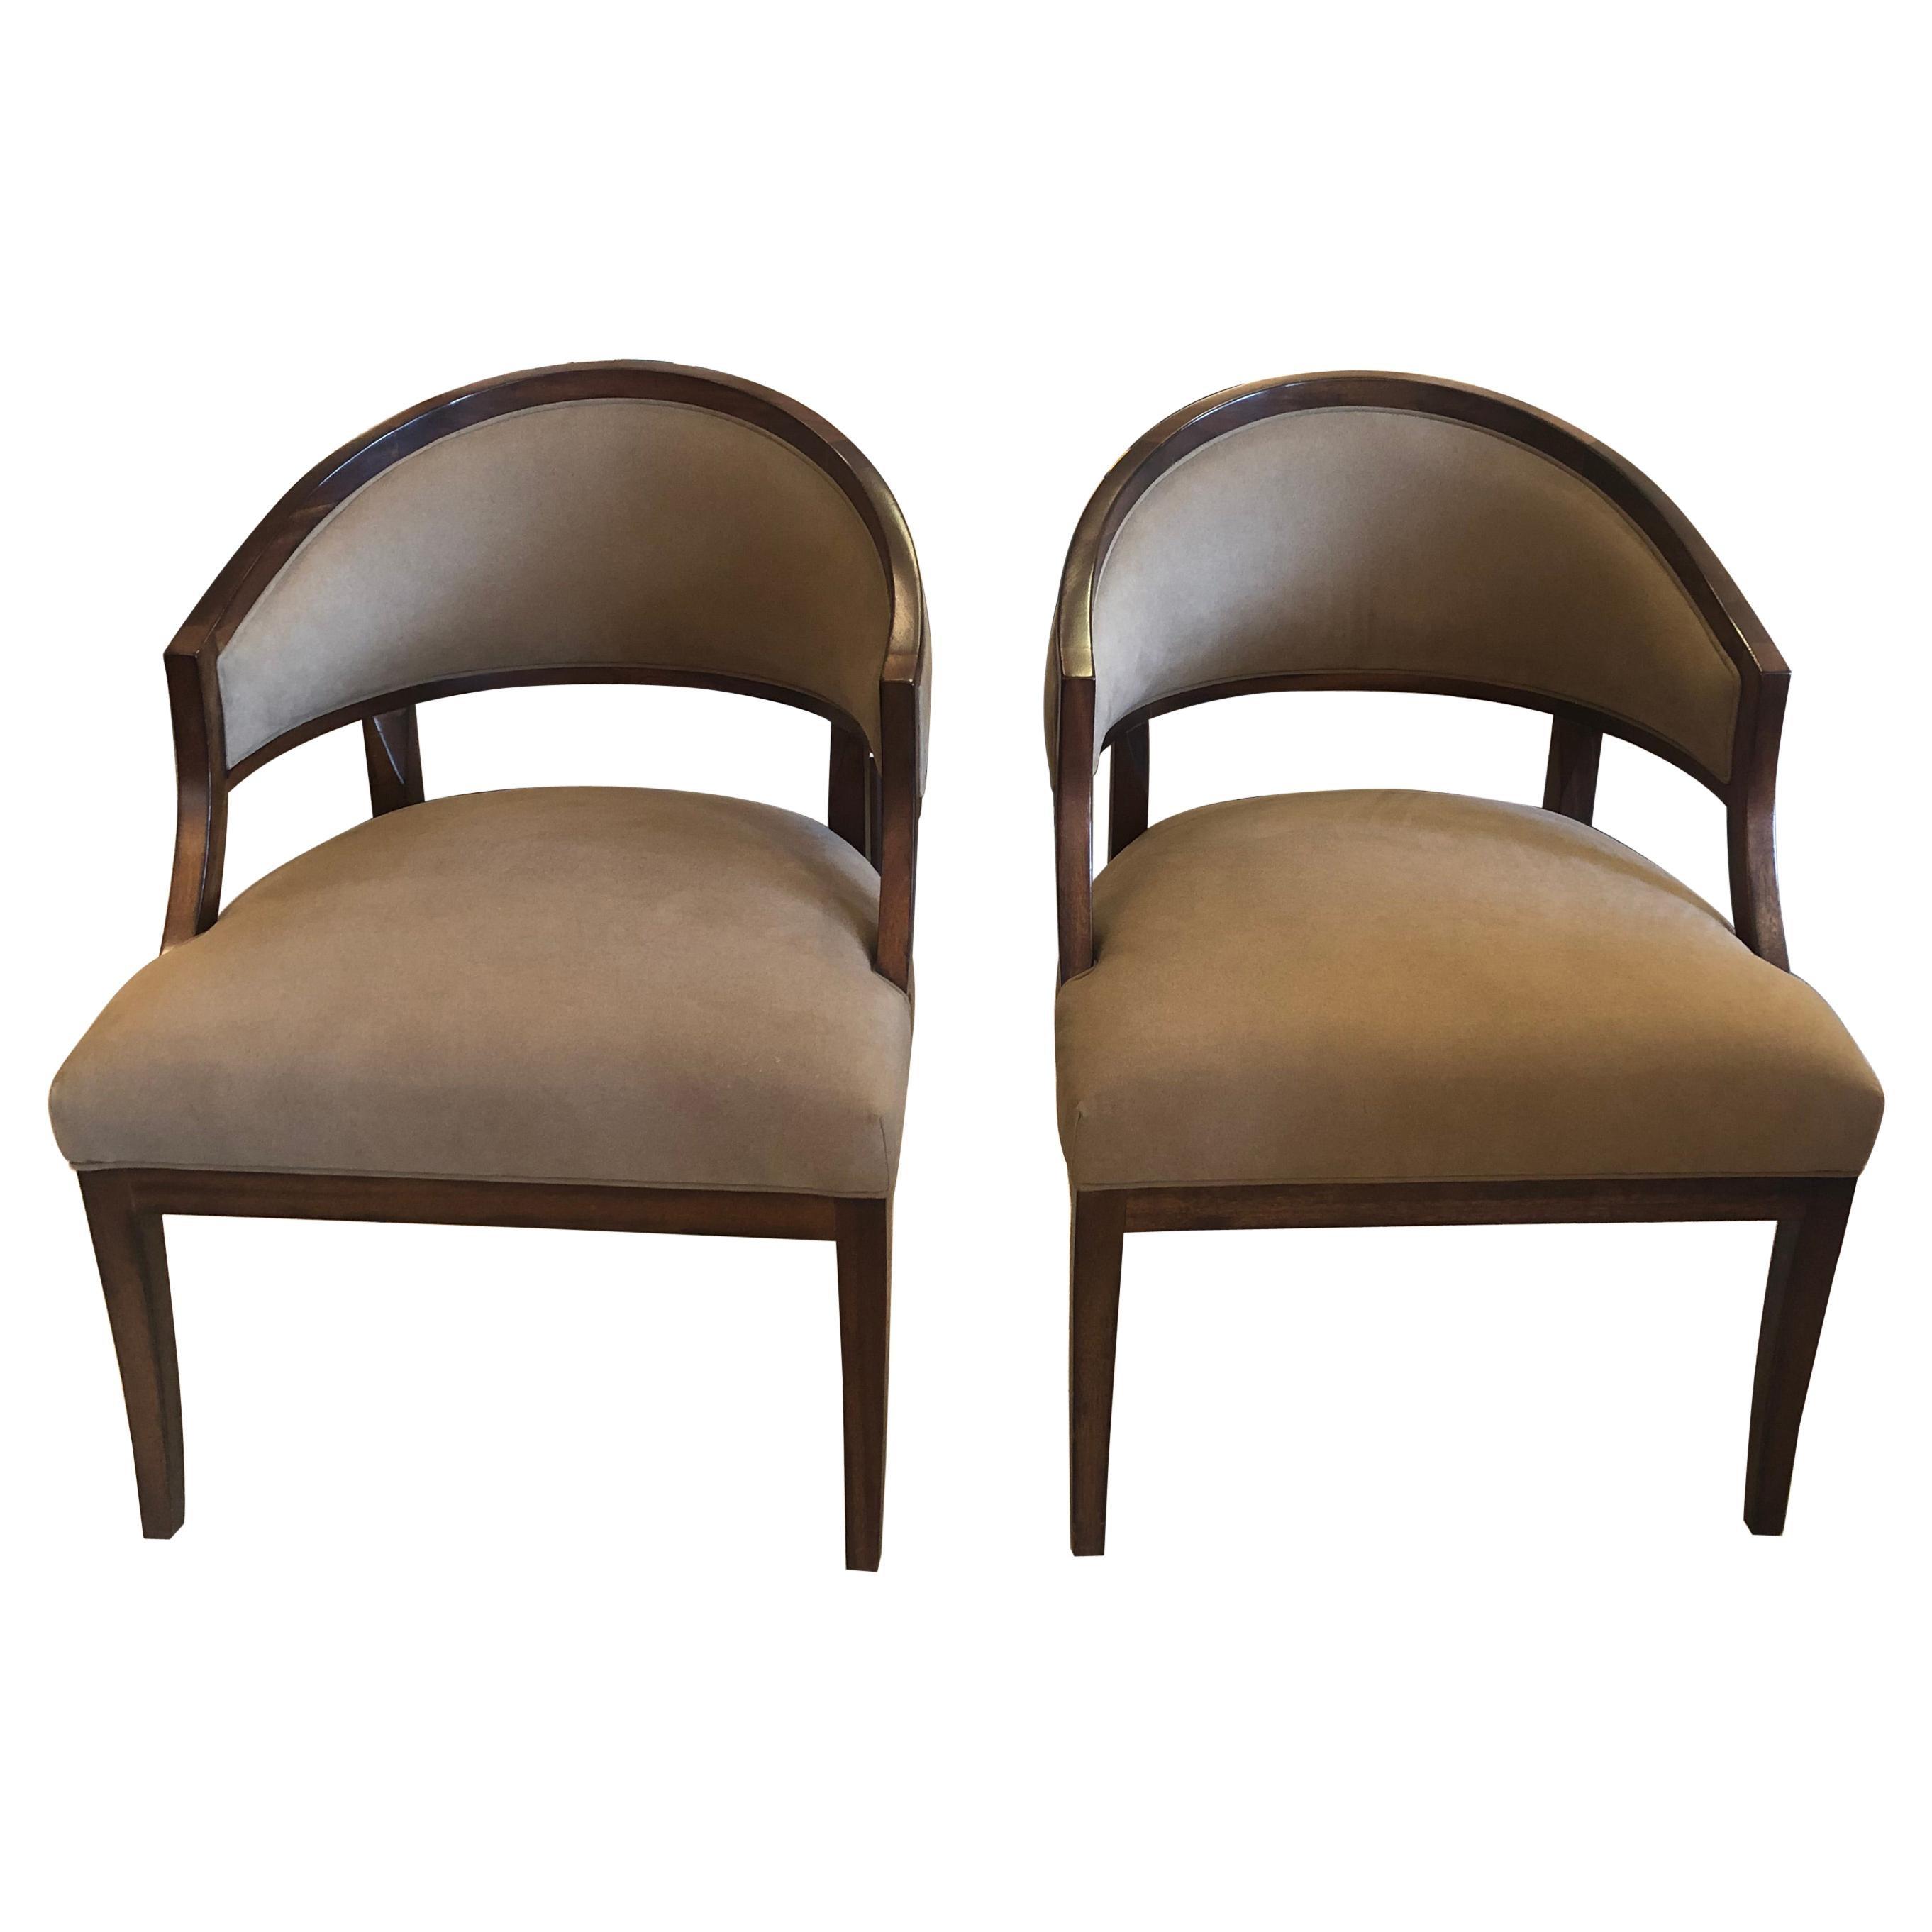 Debonair Pair of Faux Suede or Camelhair Club Chairs